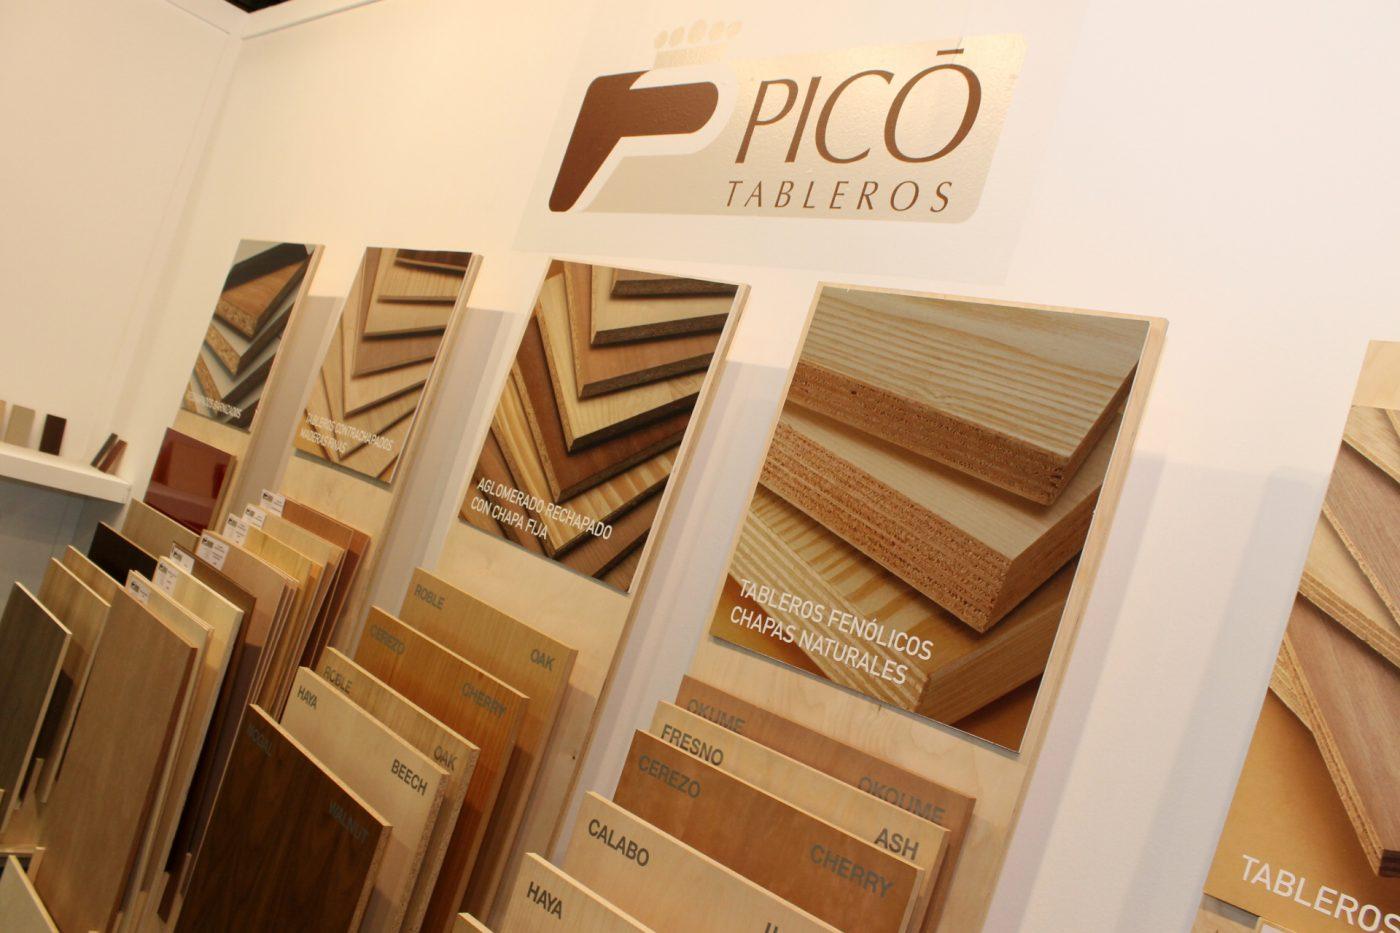 PICO Tableros exhibió su variada oferta en MADERALIA